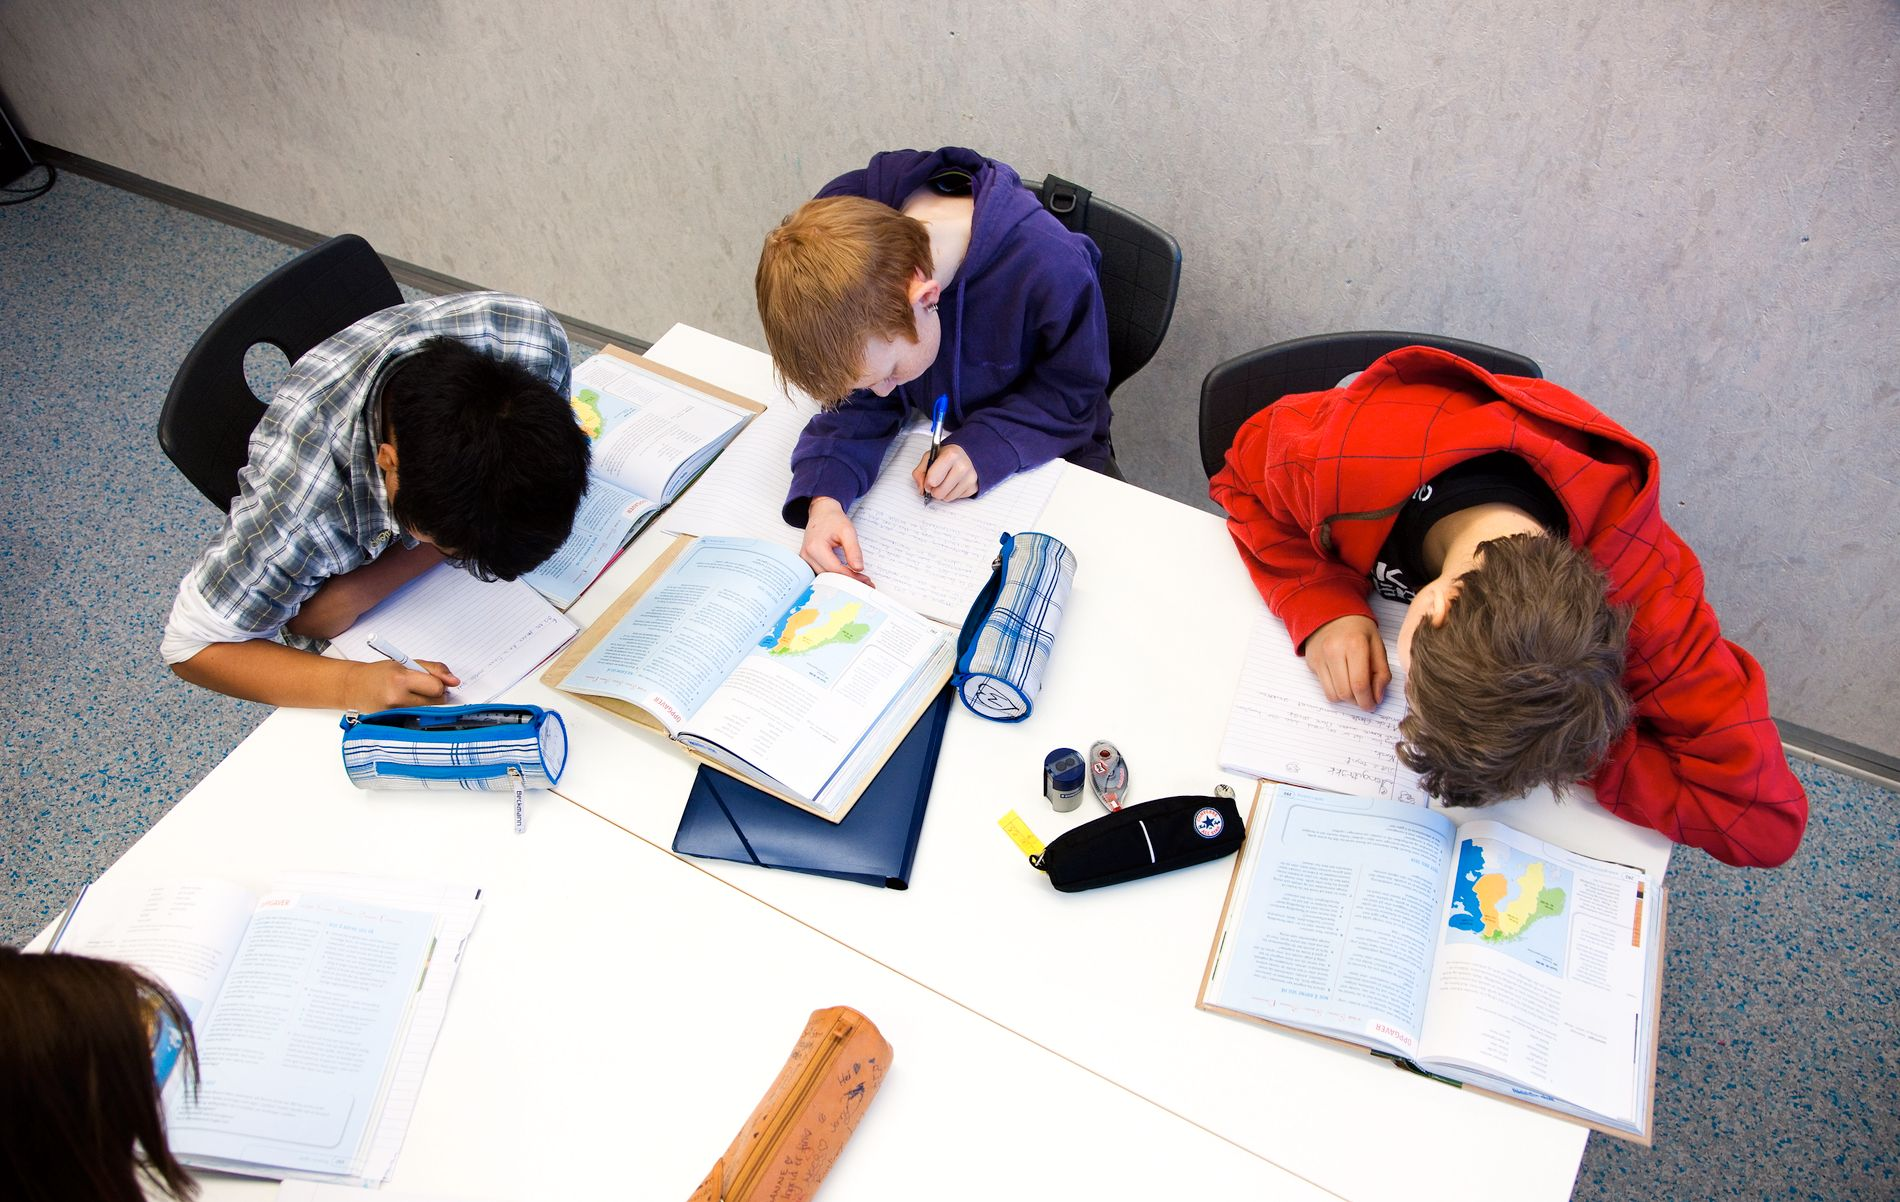 LÆRING SAMMEN: Elevene skal skape forståelsen i samhandling med andre, ifølge læringssynet i læreplan og forskning. Da kan de ikke være passive tilskuere til en lærer som formidler, skriver innsenderen.